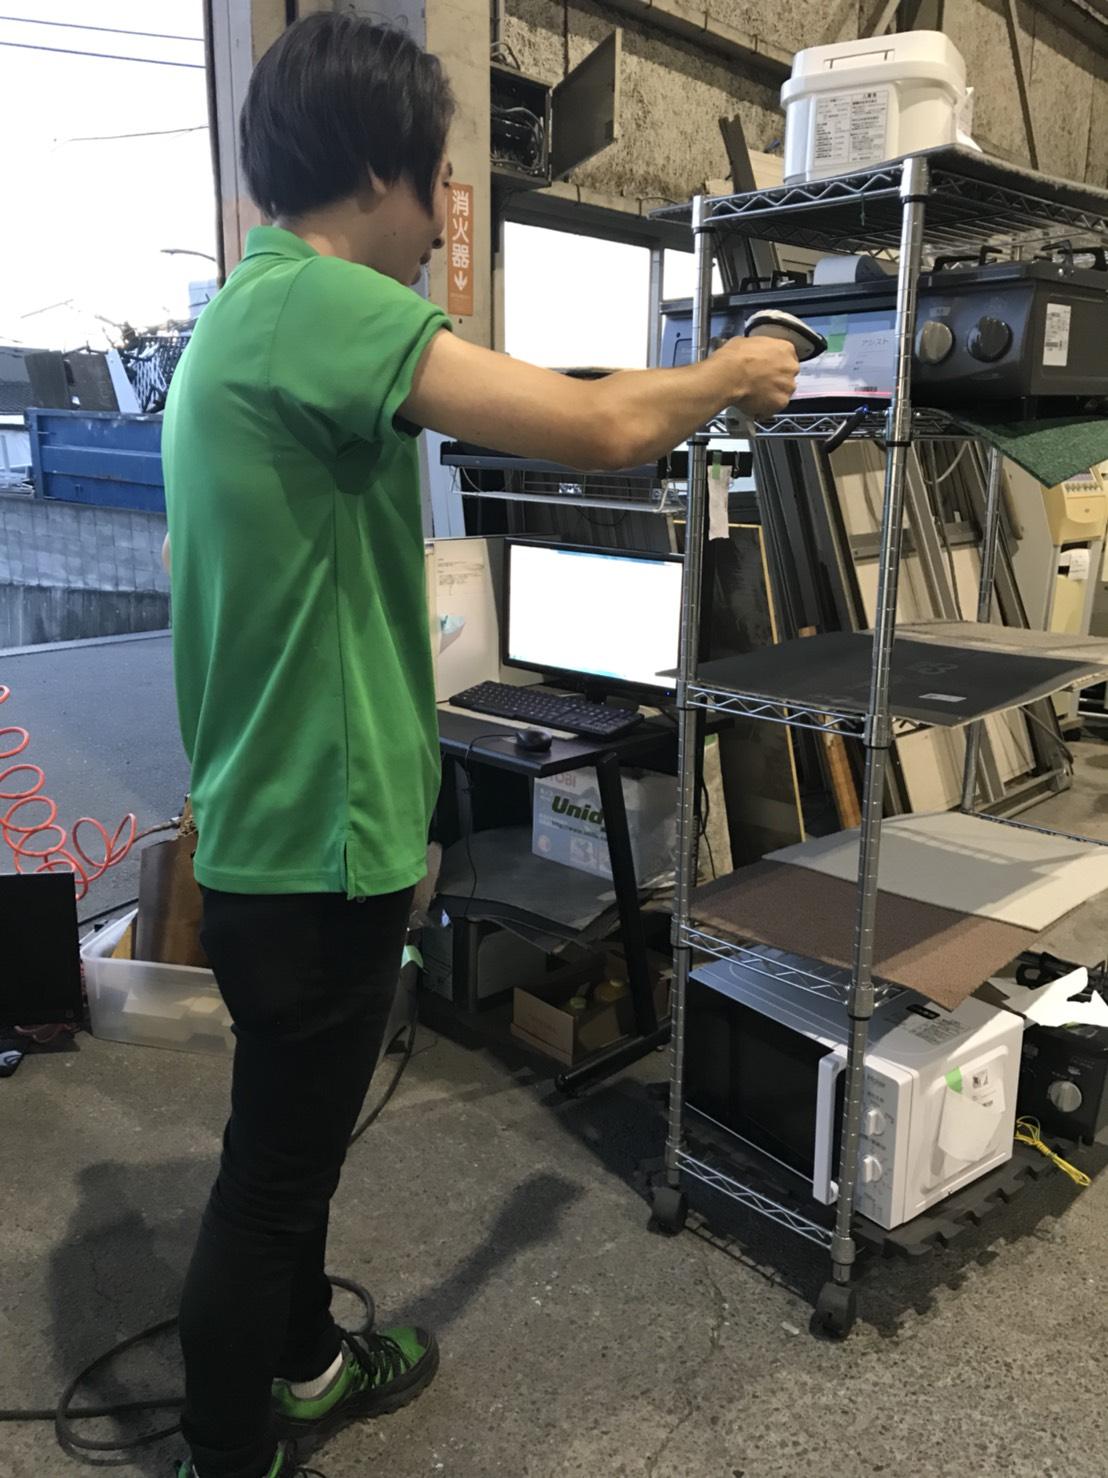 Odooから印刷した商品ラベルのバーコードをスキャンして在庫移動処理をする及川さん。